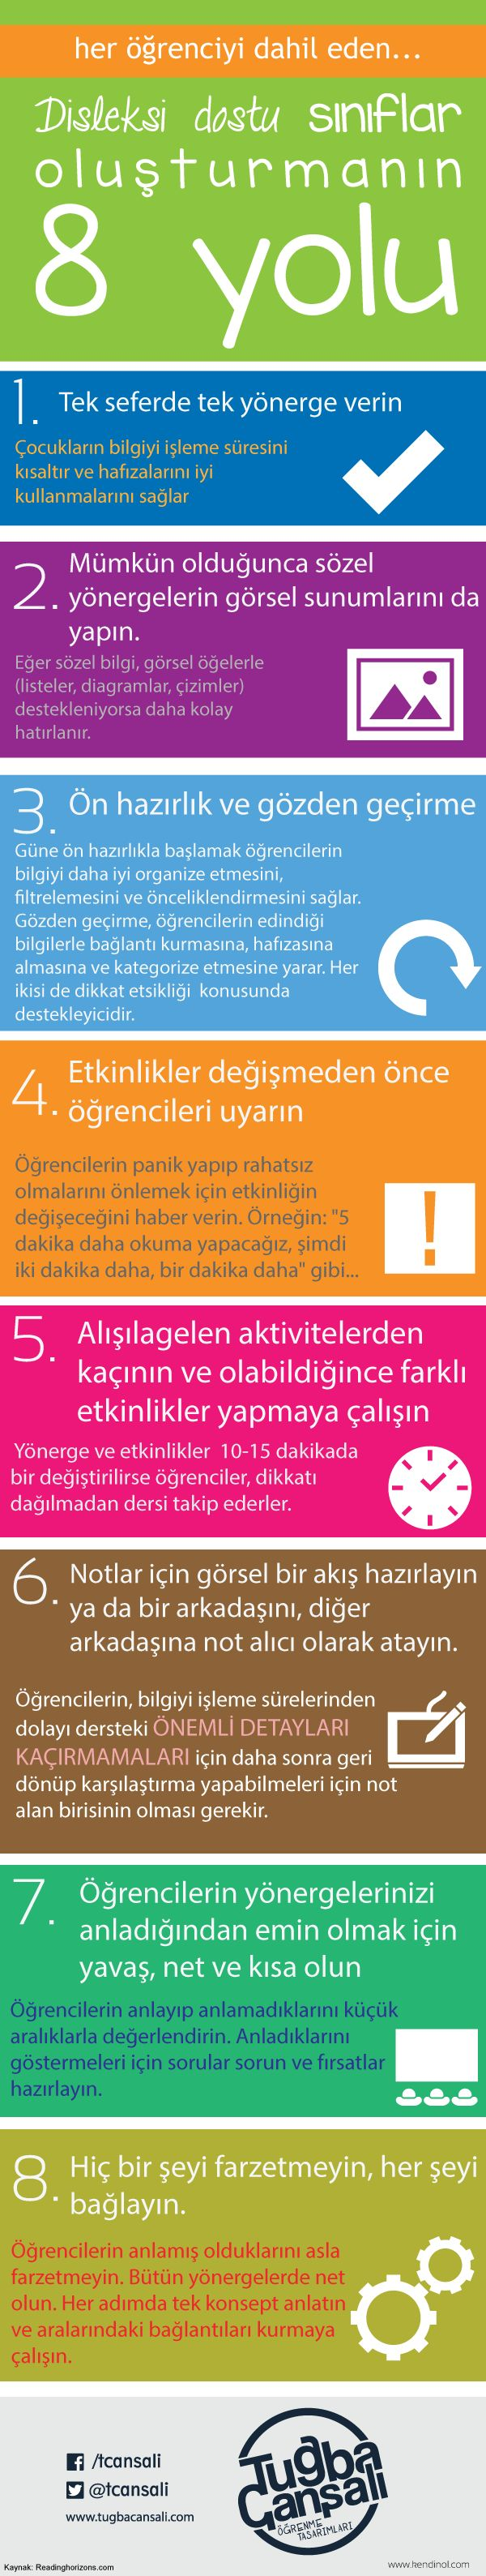 Disleksi Dostu Sınıflar Oluşturmanın 8 Yolu [İnfografik]